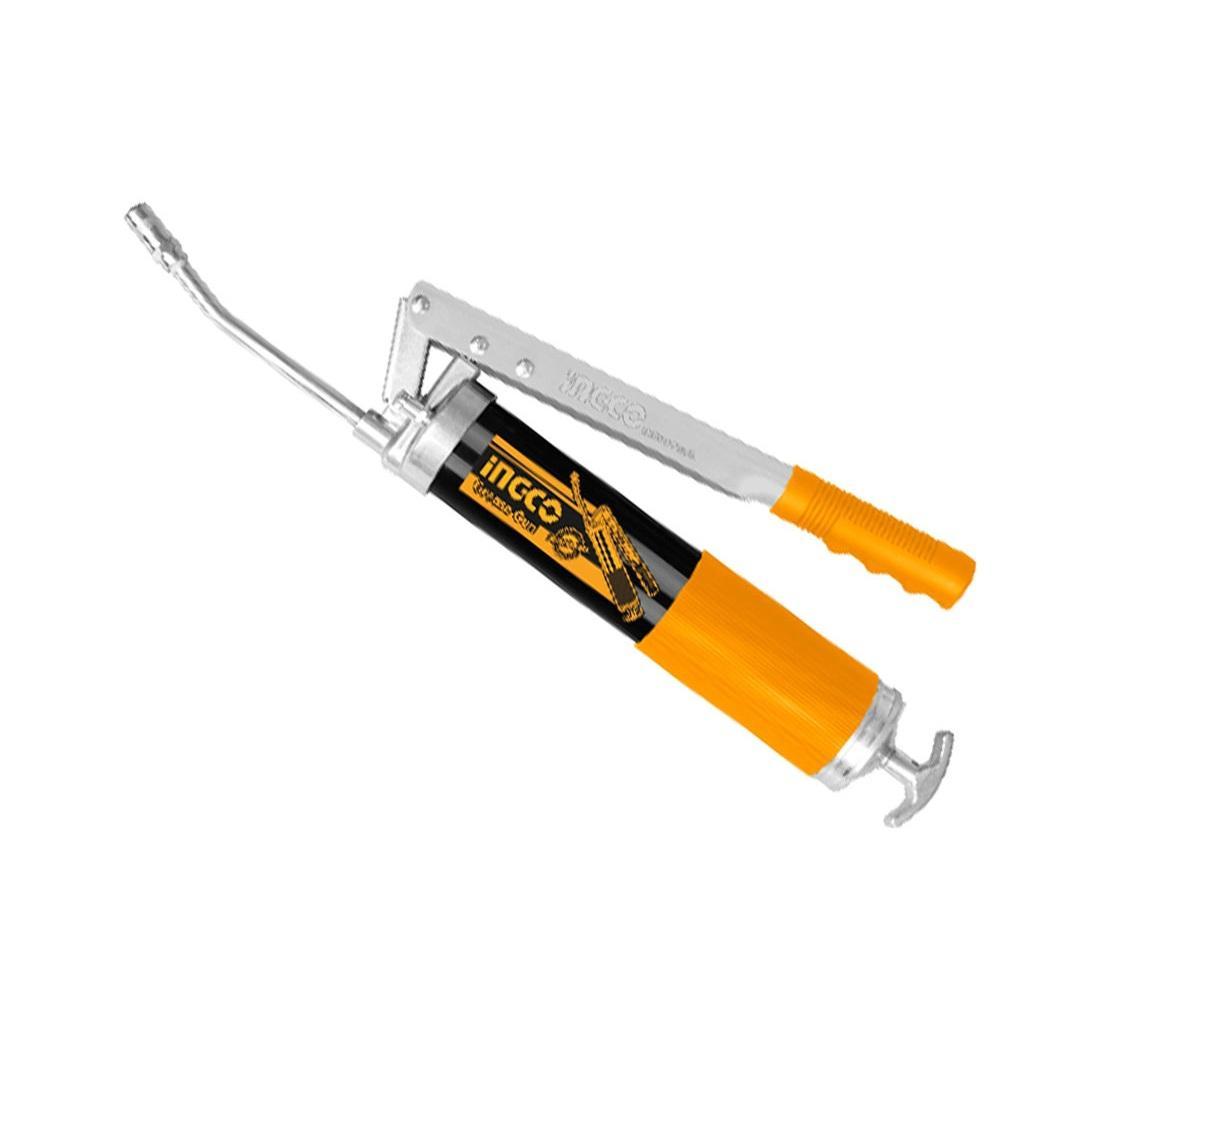 Dụng cụ bơm mỡ Ingco GRG015002